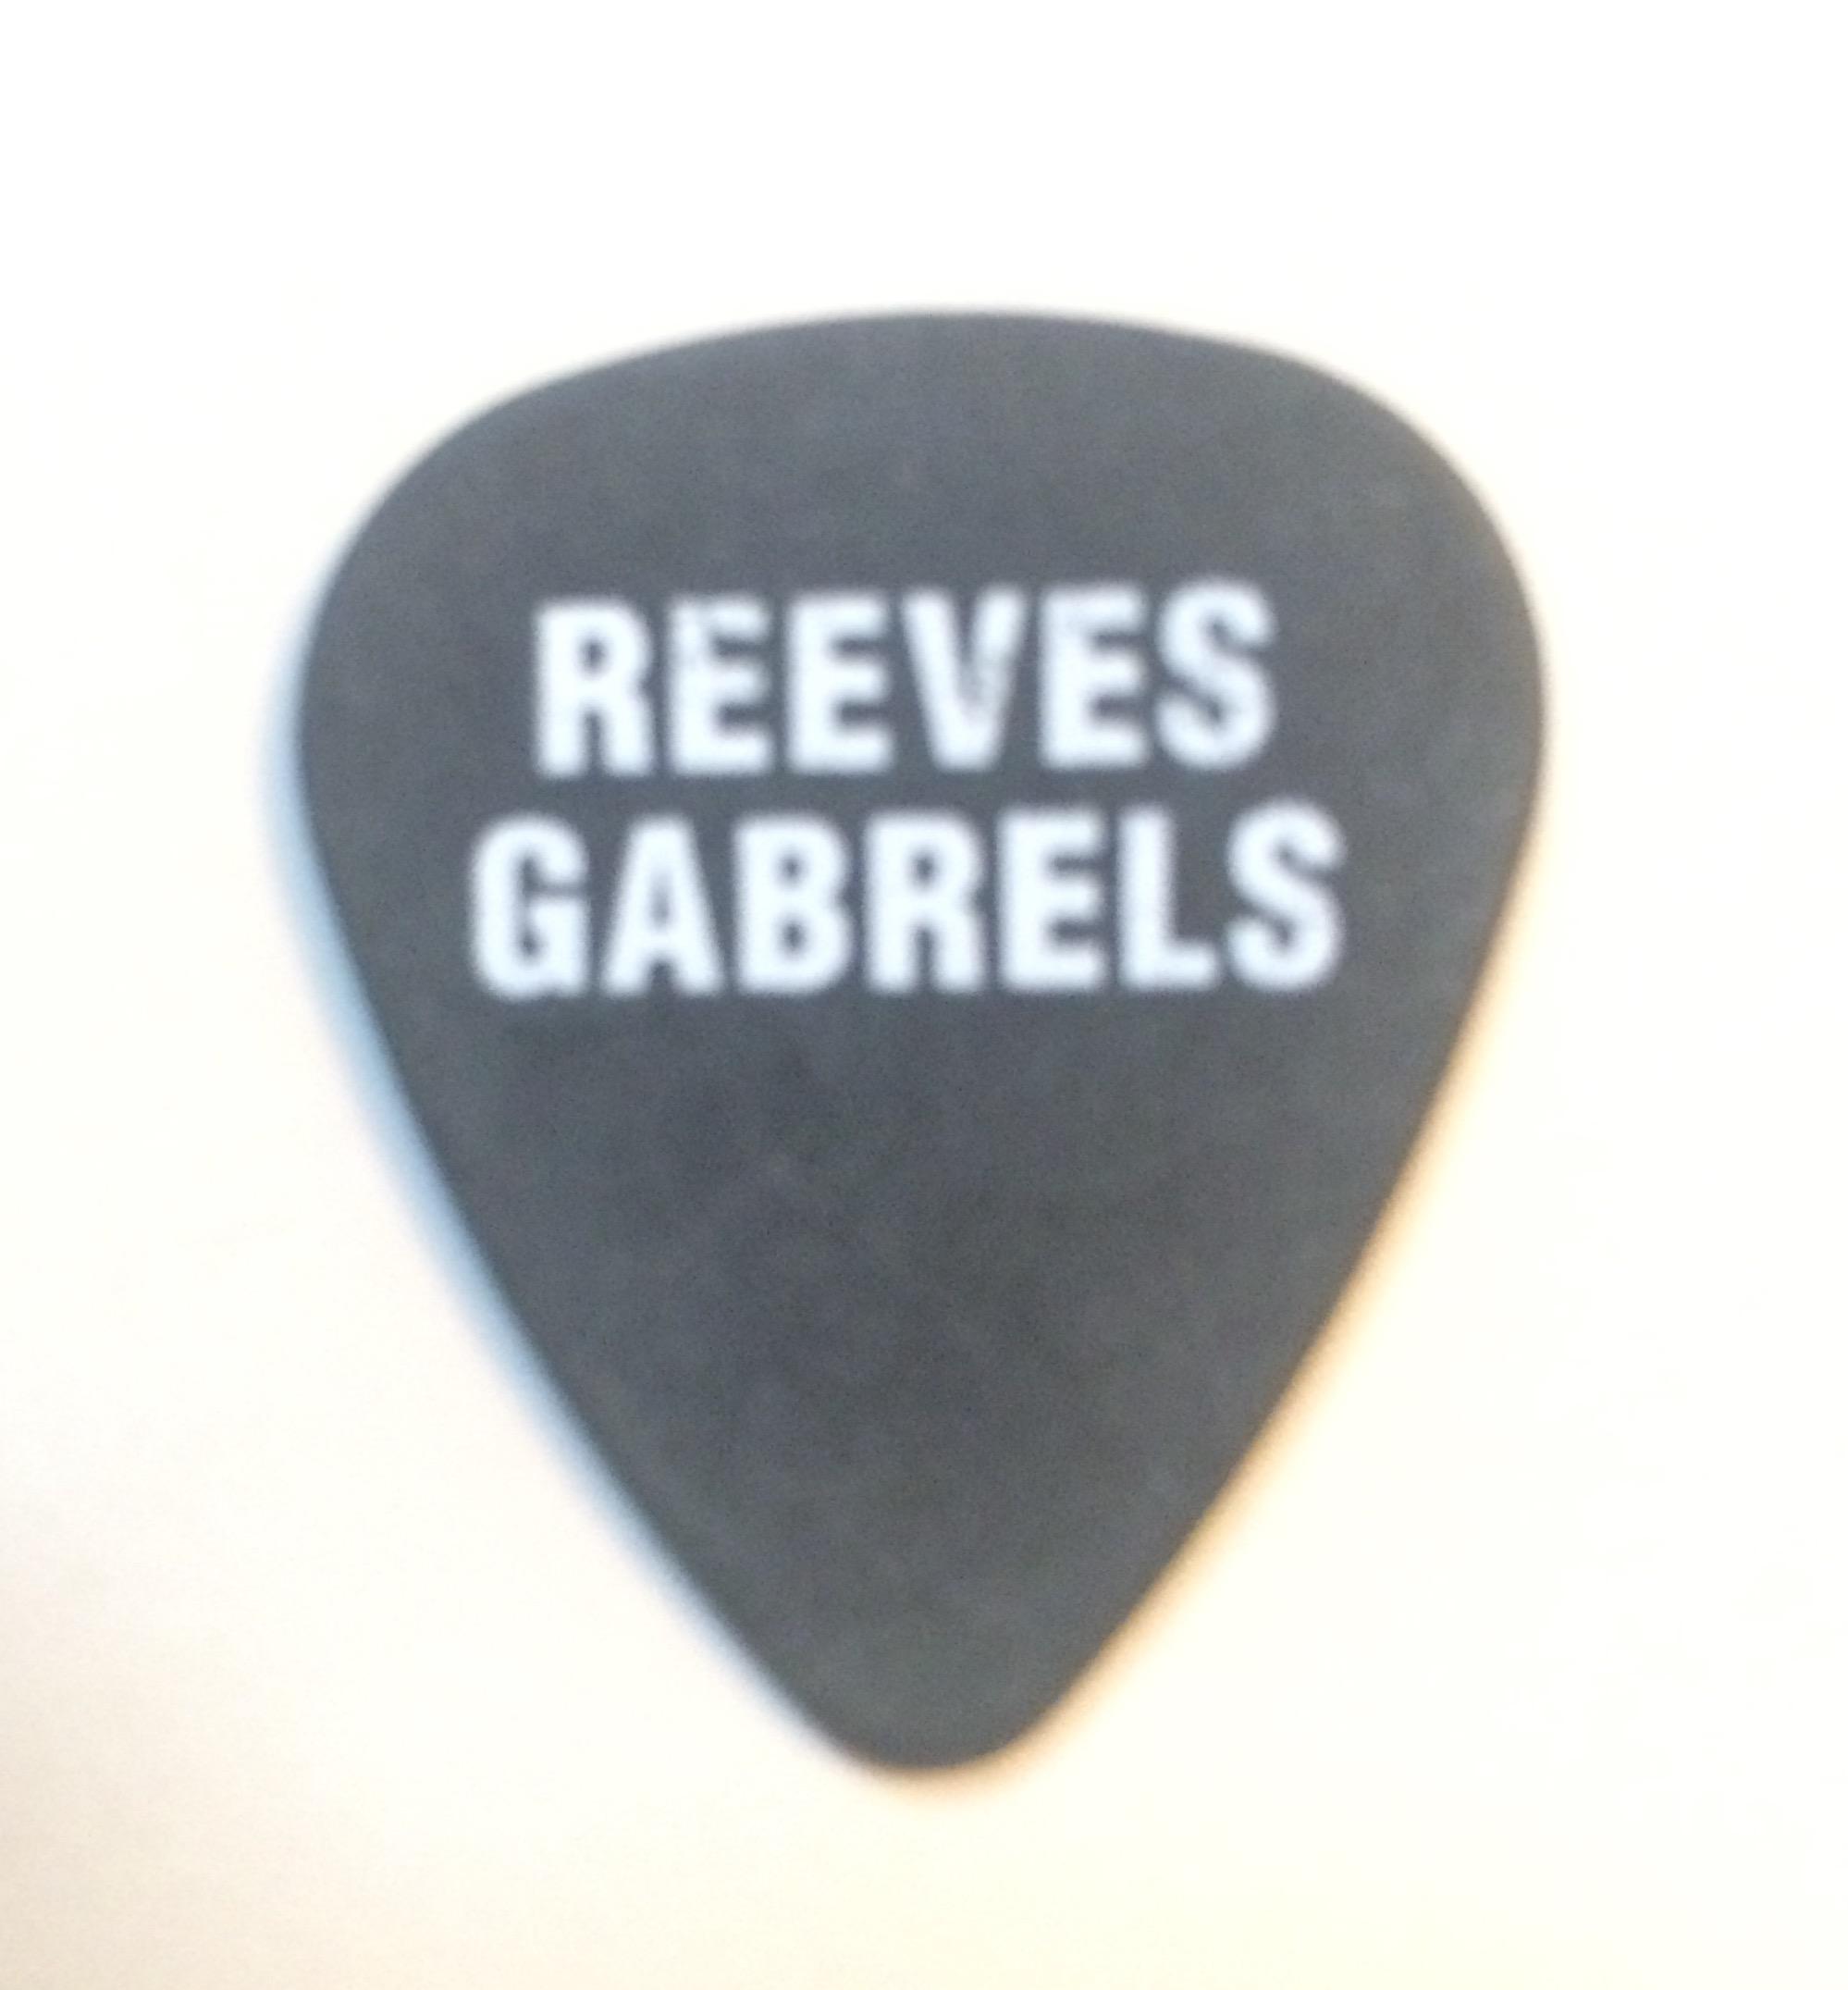 Reeves Pick name